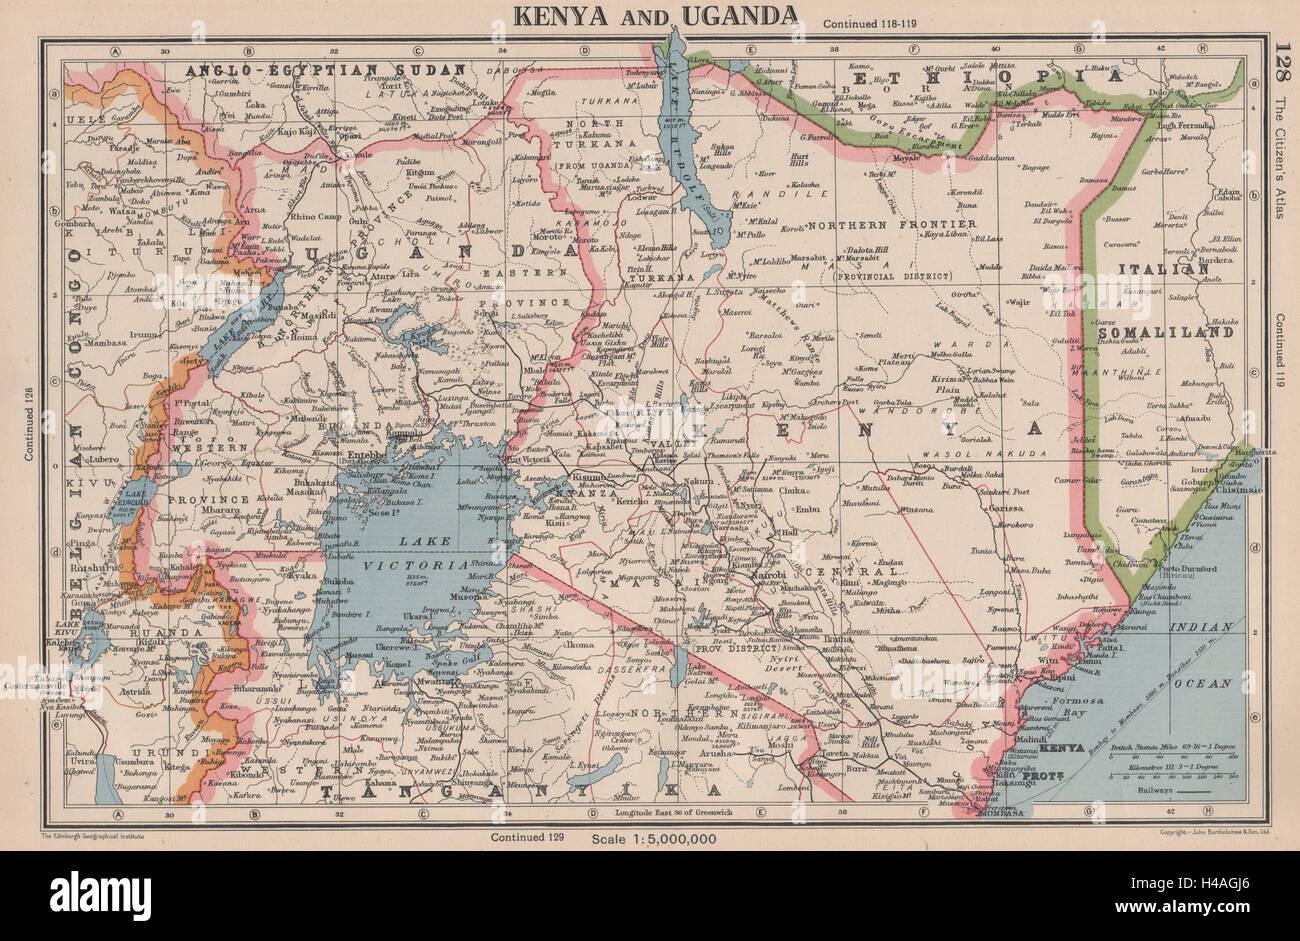 EAST AFRICA Kenya and Uganda Lake Victoria